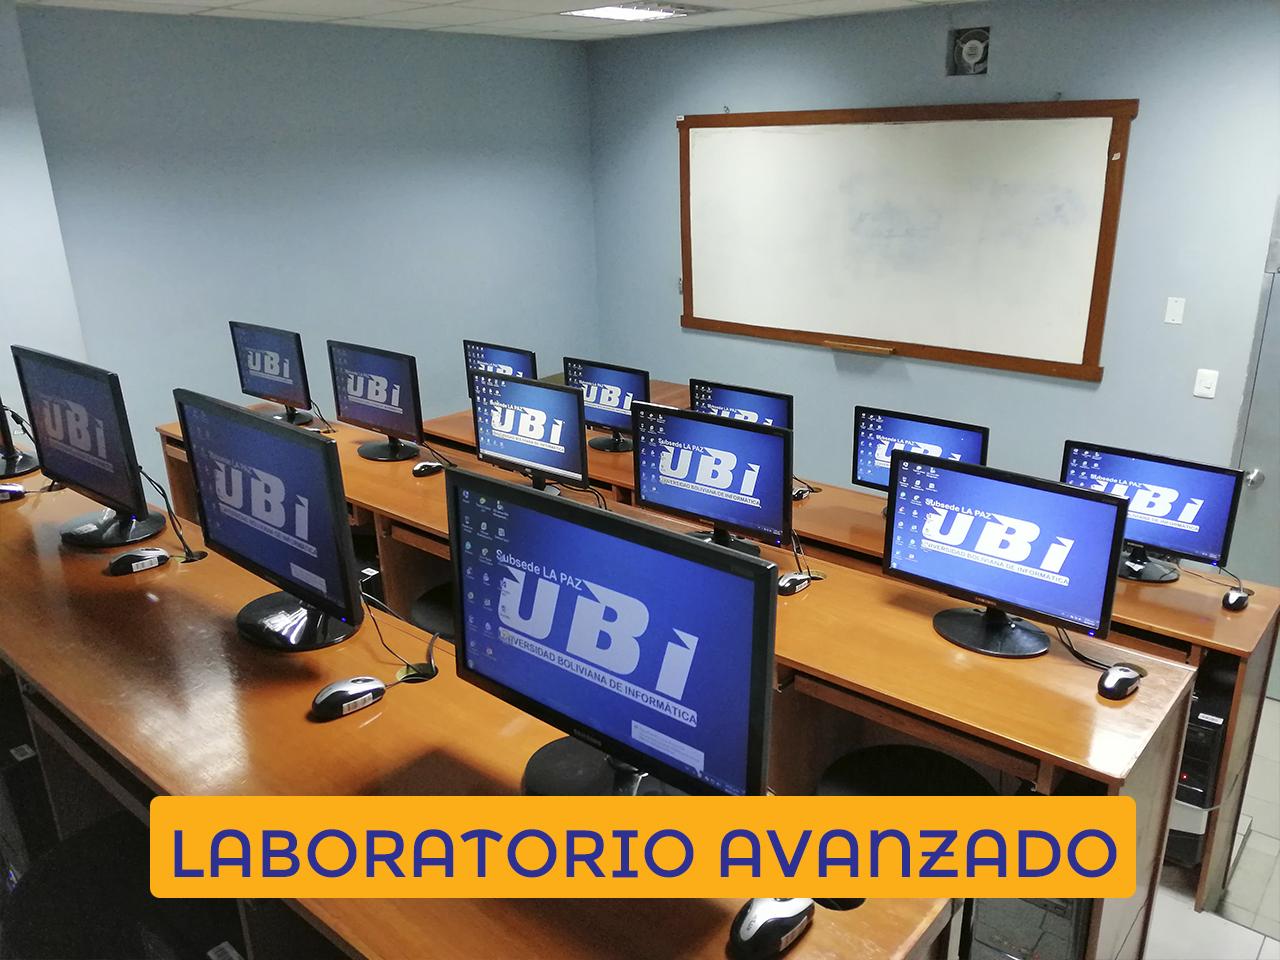 Laboratorio Avanzado 02